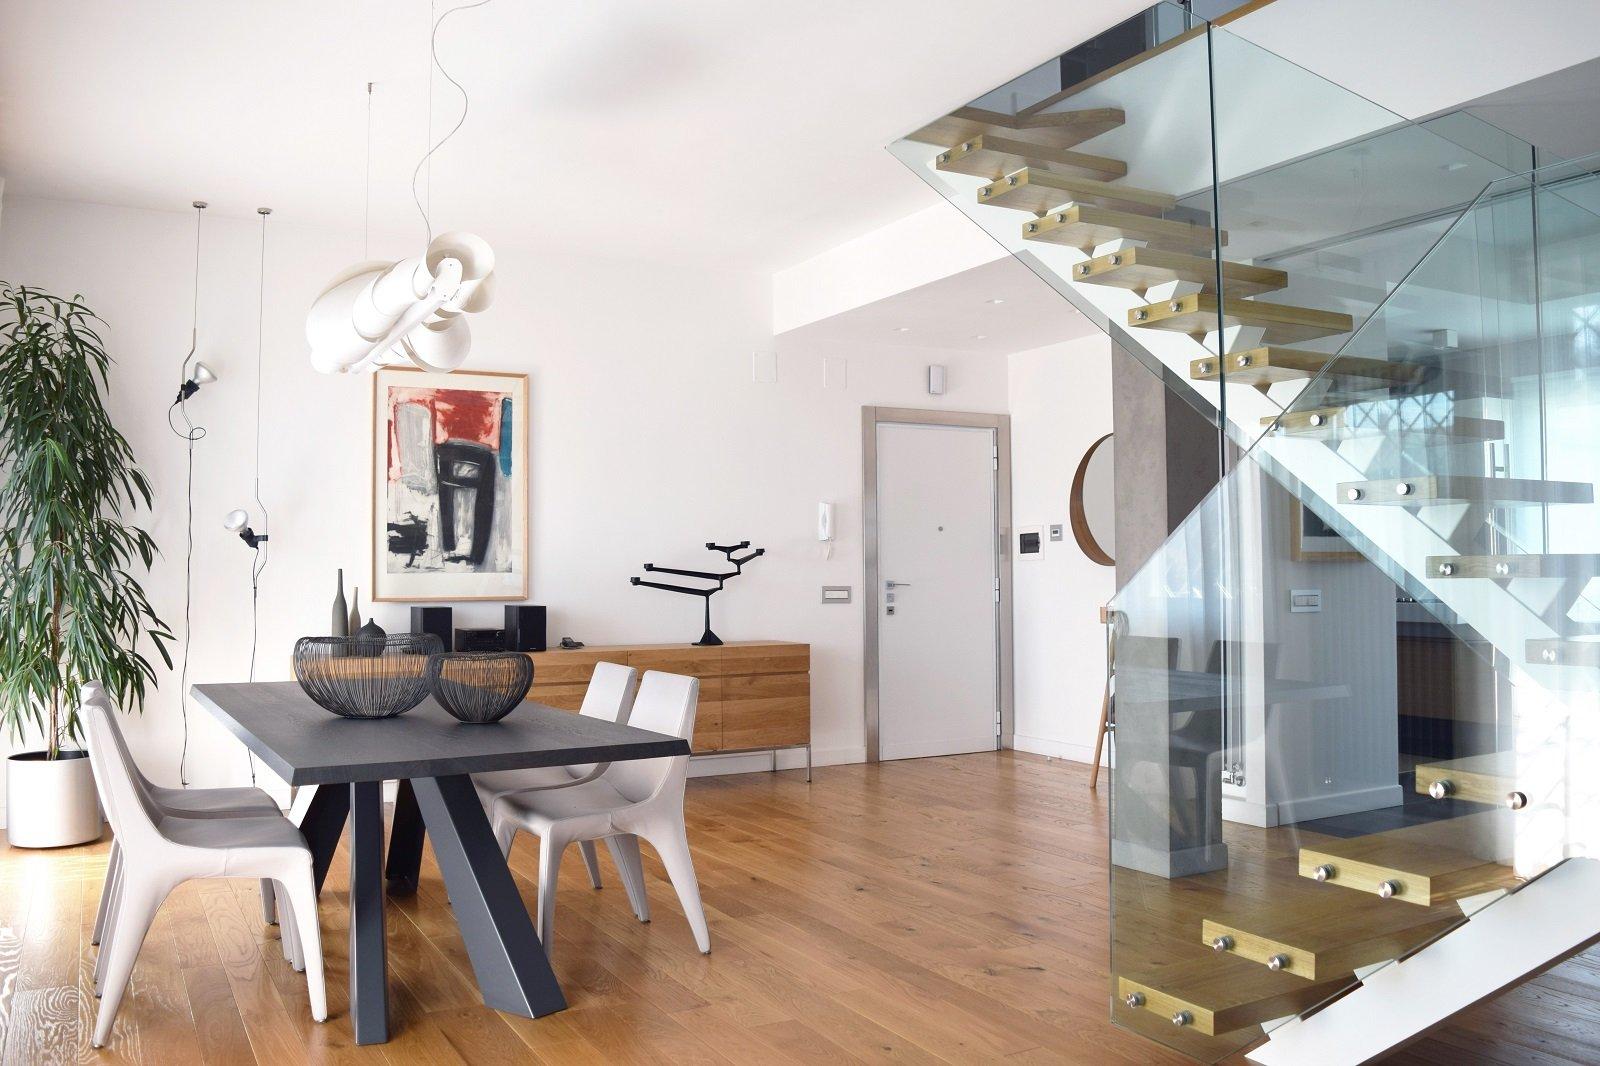 Sottotetto su due livelli con ambienti open space - Cose ...